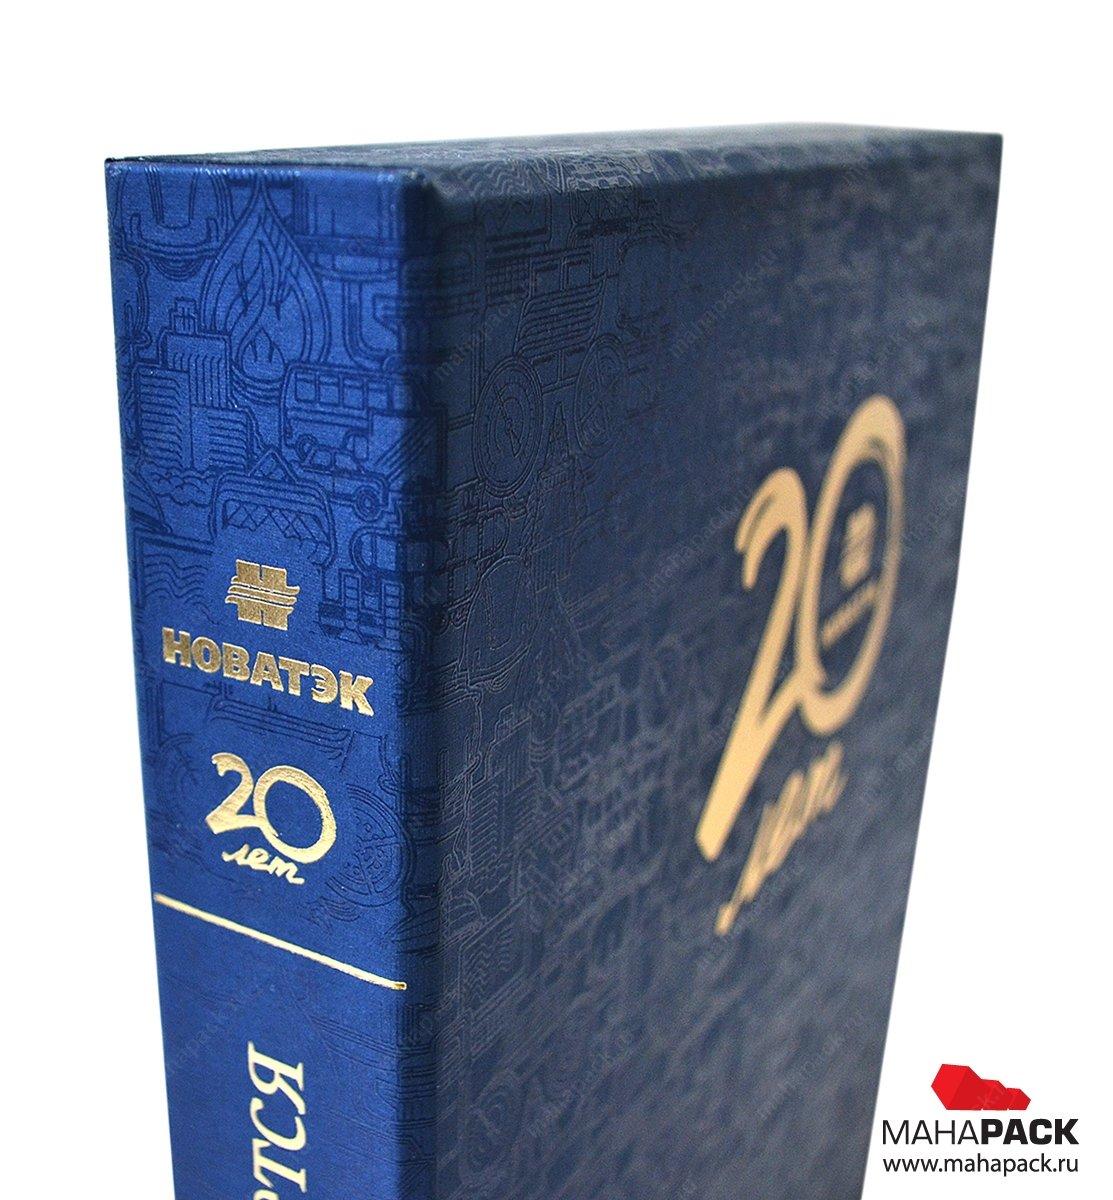 Подарочные футляры и упаковки для книг на заказ